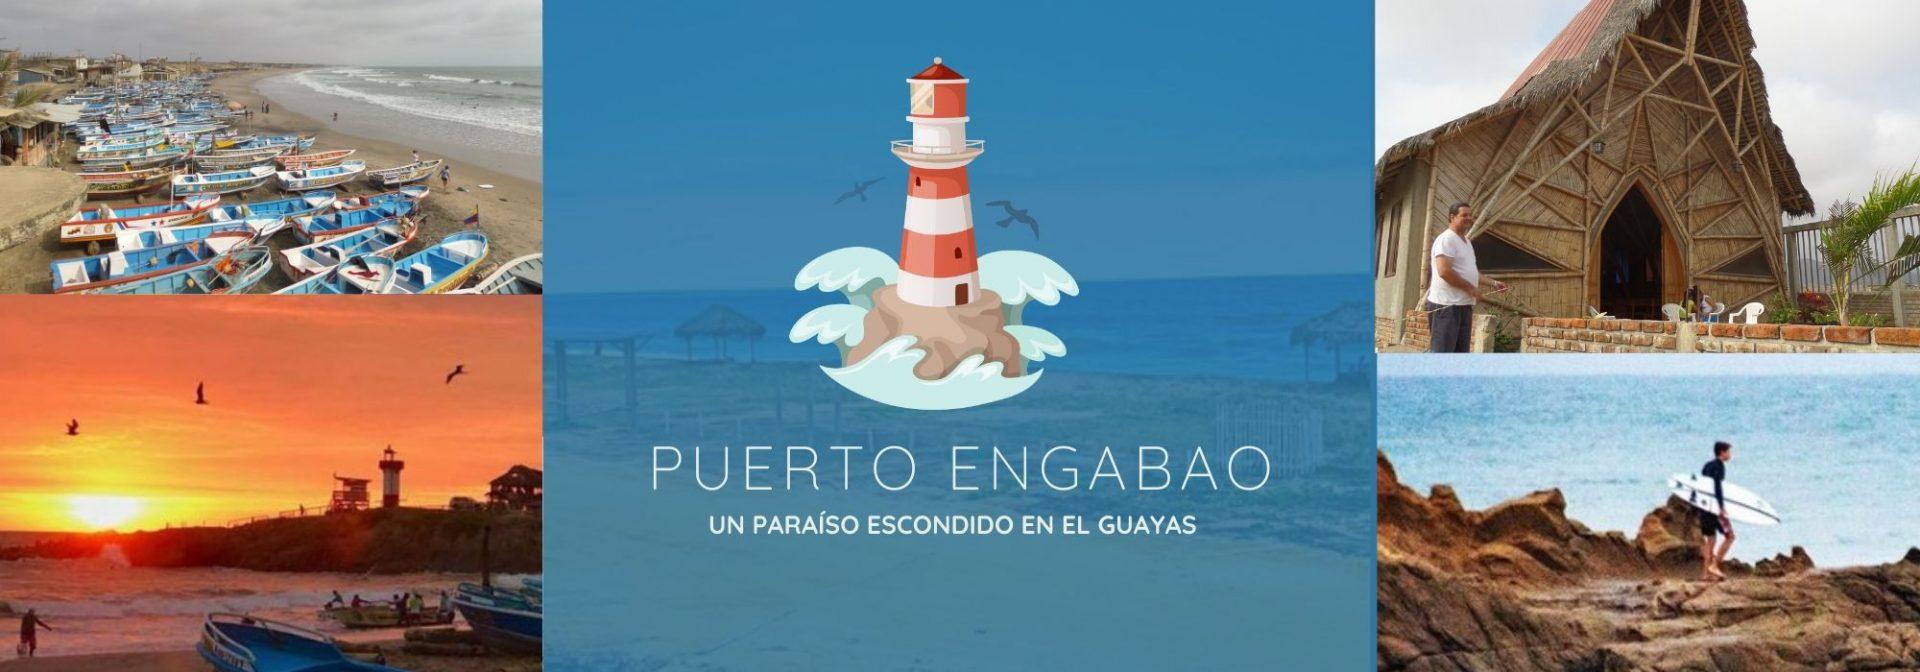 Puerto Engabao: Turismo de playas en la Comuna Engabao, Guayas